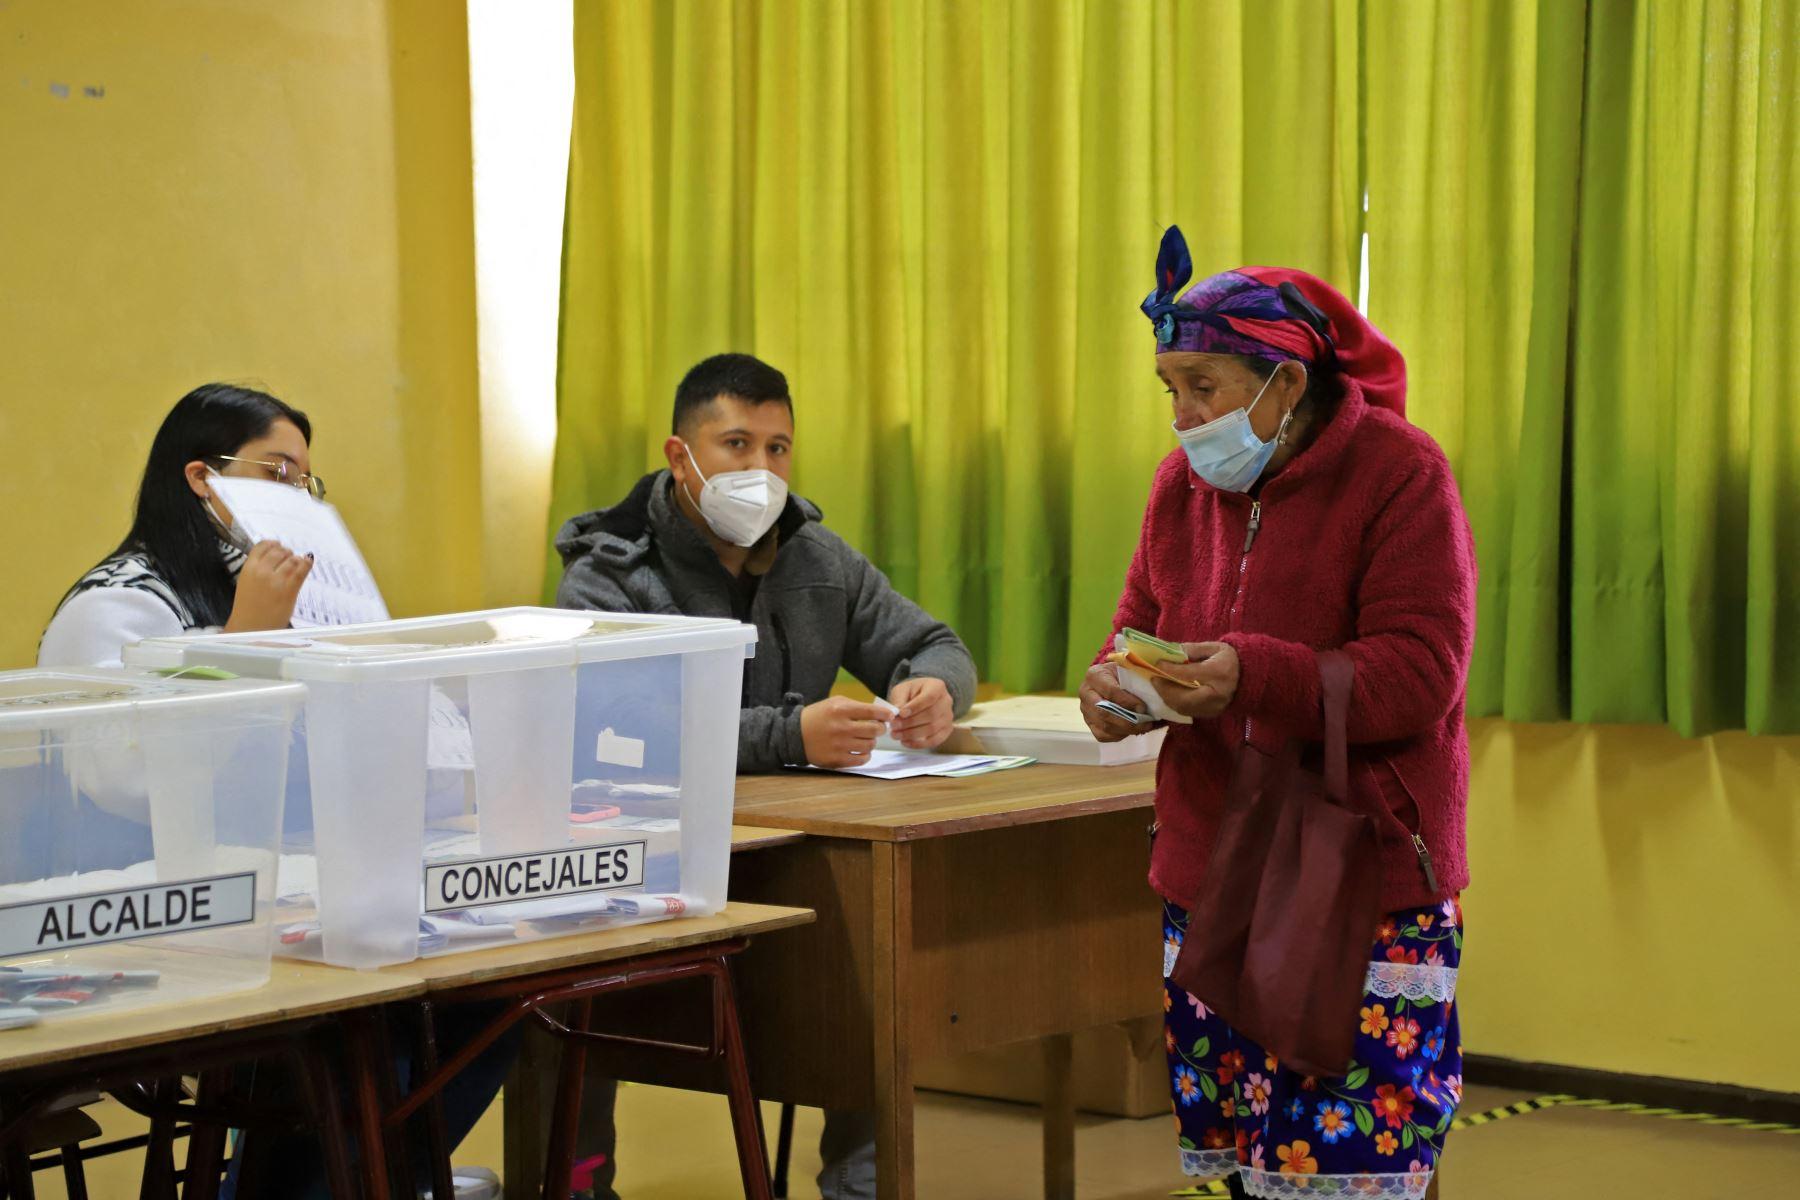 Una mujer indígena mapuche vota durante las elecciones para elegir alcaldes, concejales y una comisión para reescribir la constitución en Temuco, Chile. Foto: AFP